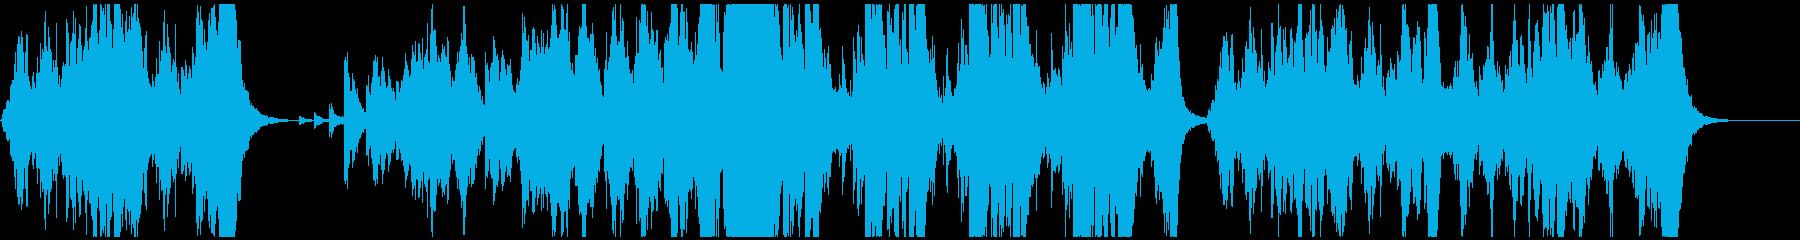 一分間のオーケストラの再生済みの波形